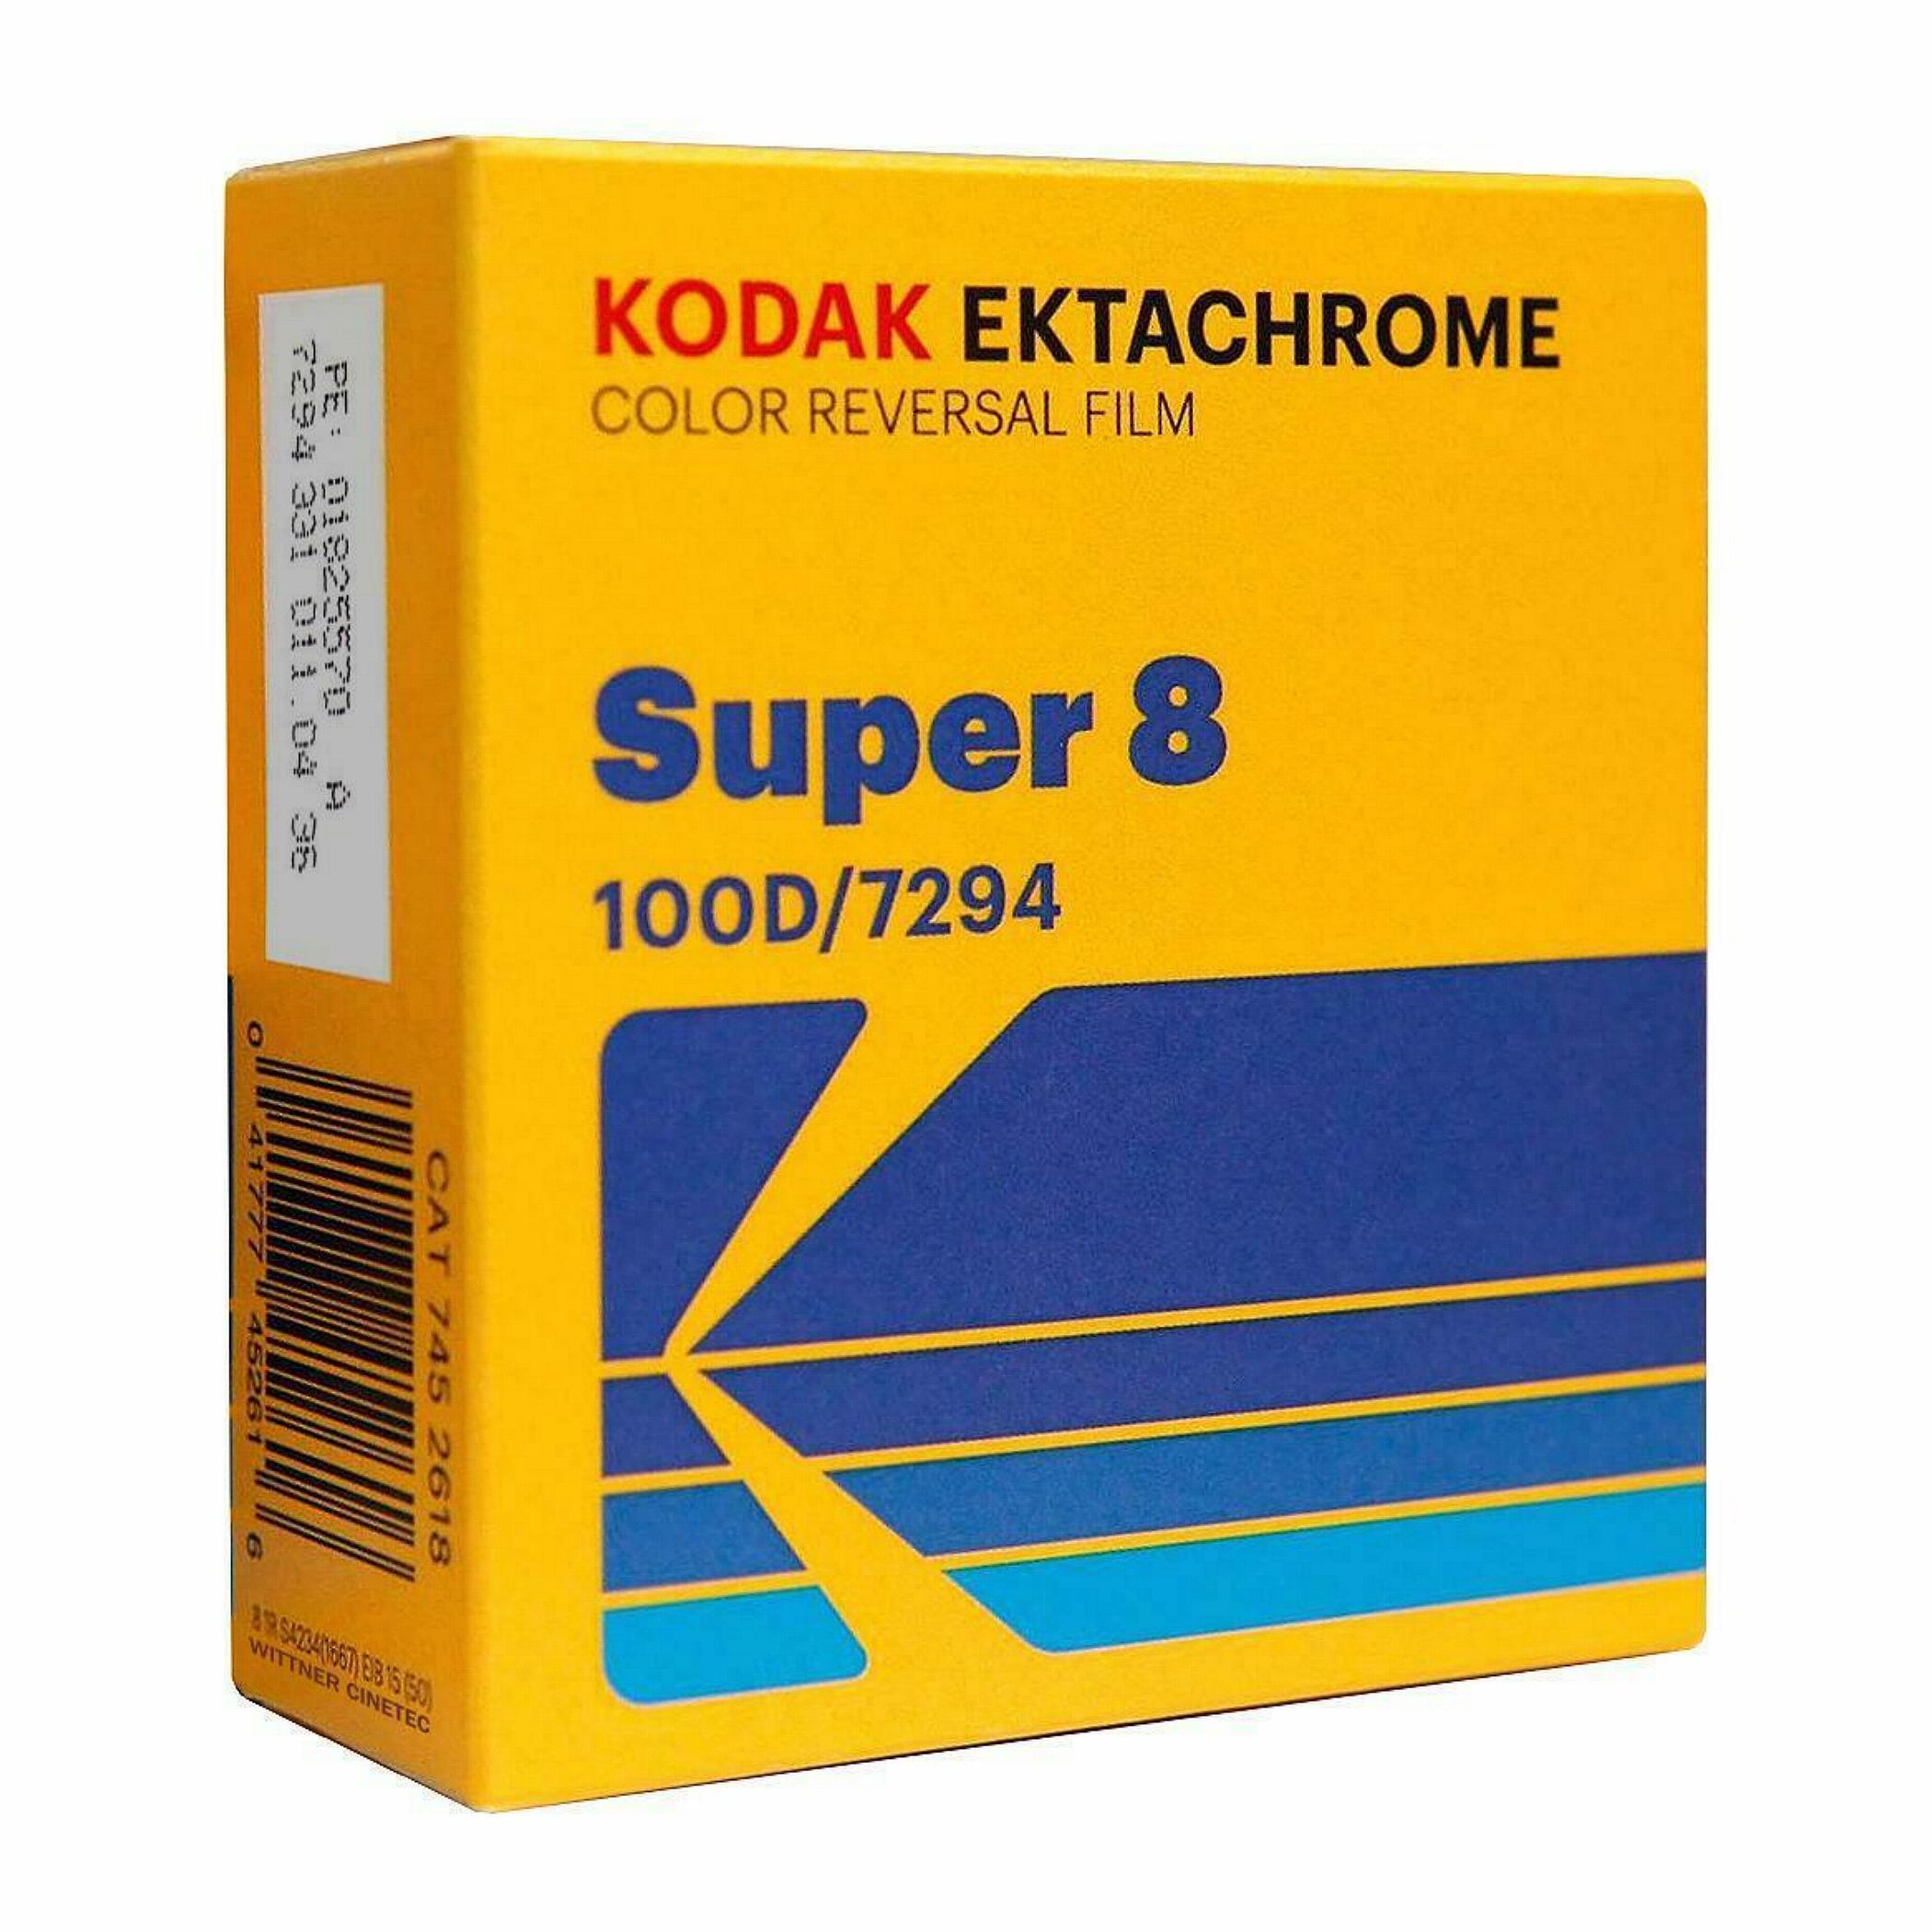 KODAK Ektachrome 100D, Super 8 cartridge, 50ft/15m